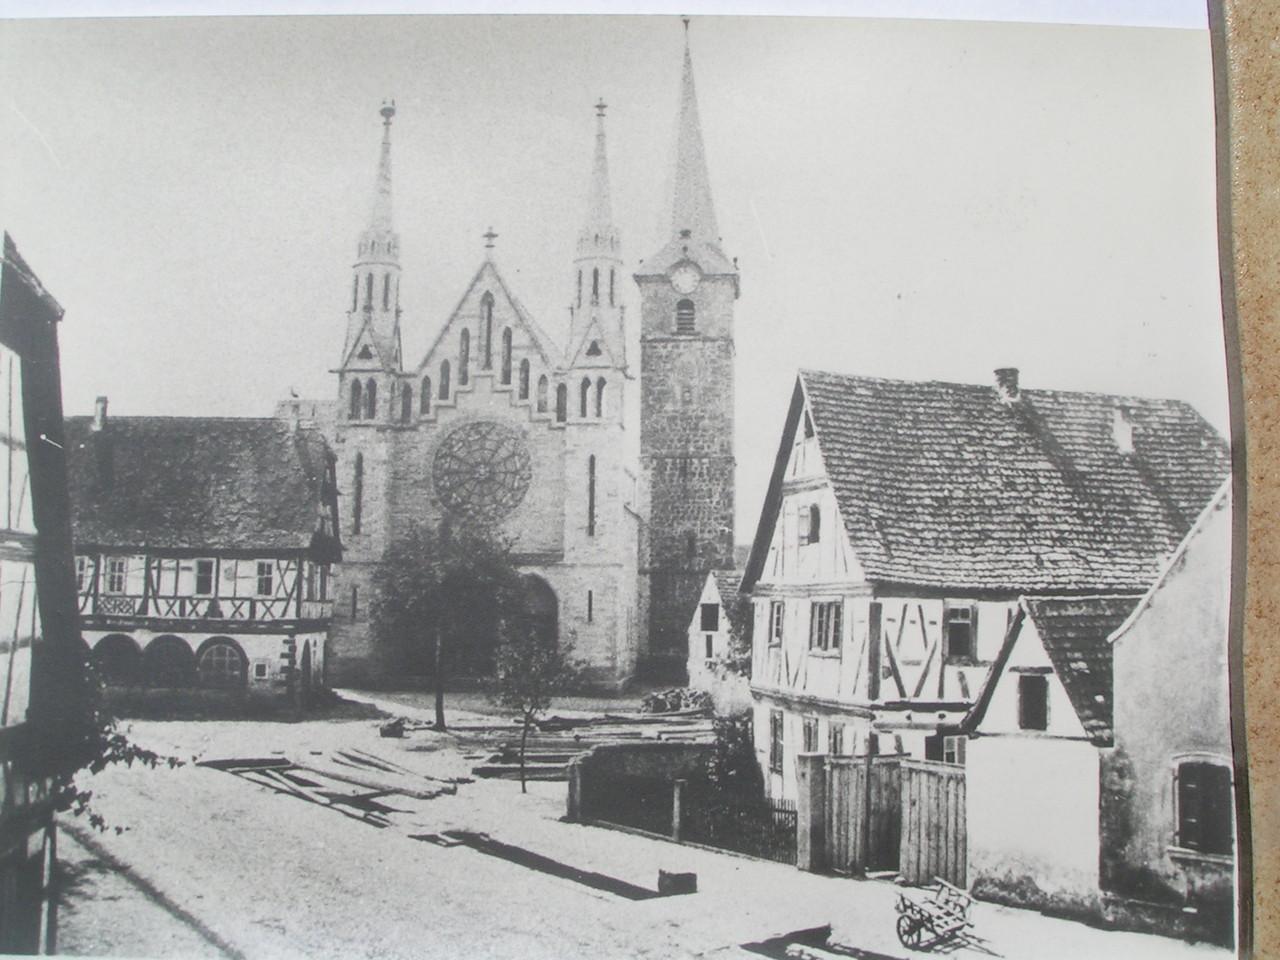 Altes Rathaus von 1594 neben Kirche (1870 bis 1873 erbaut)